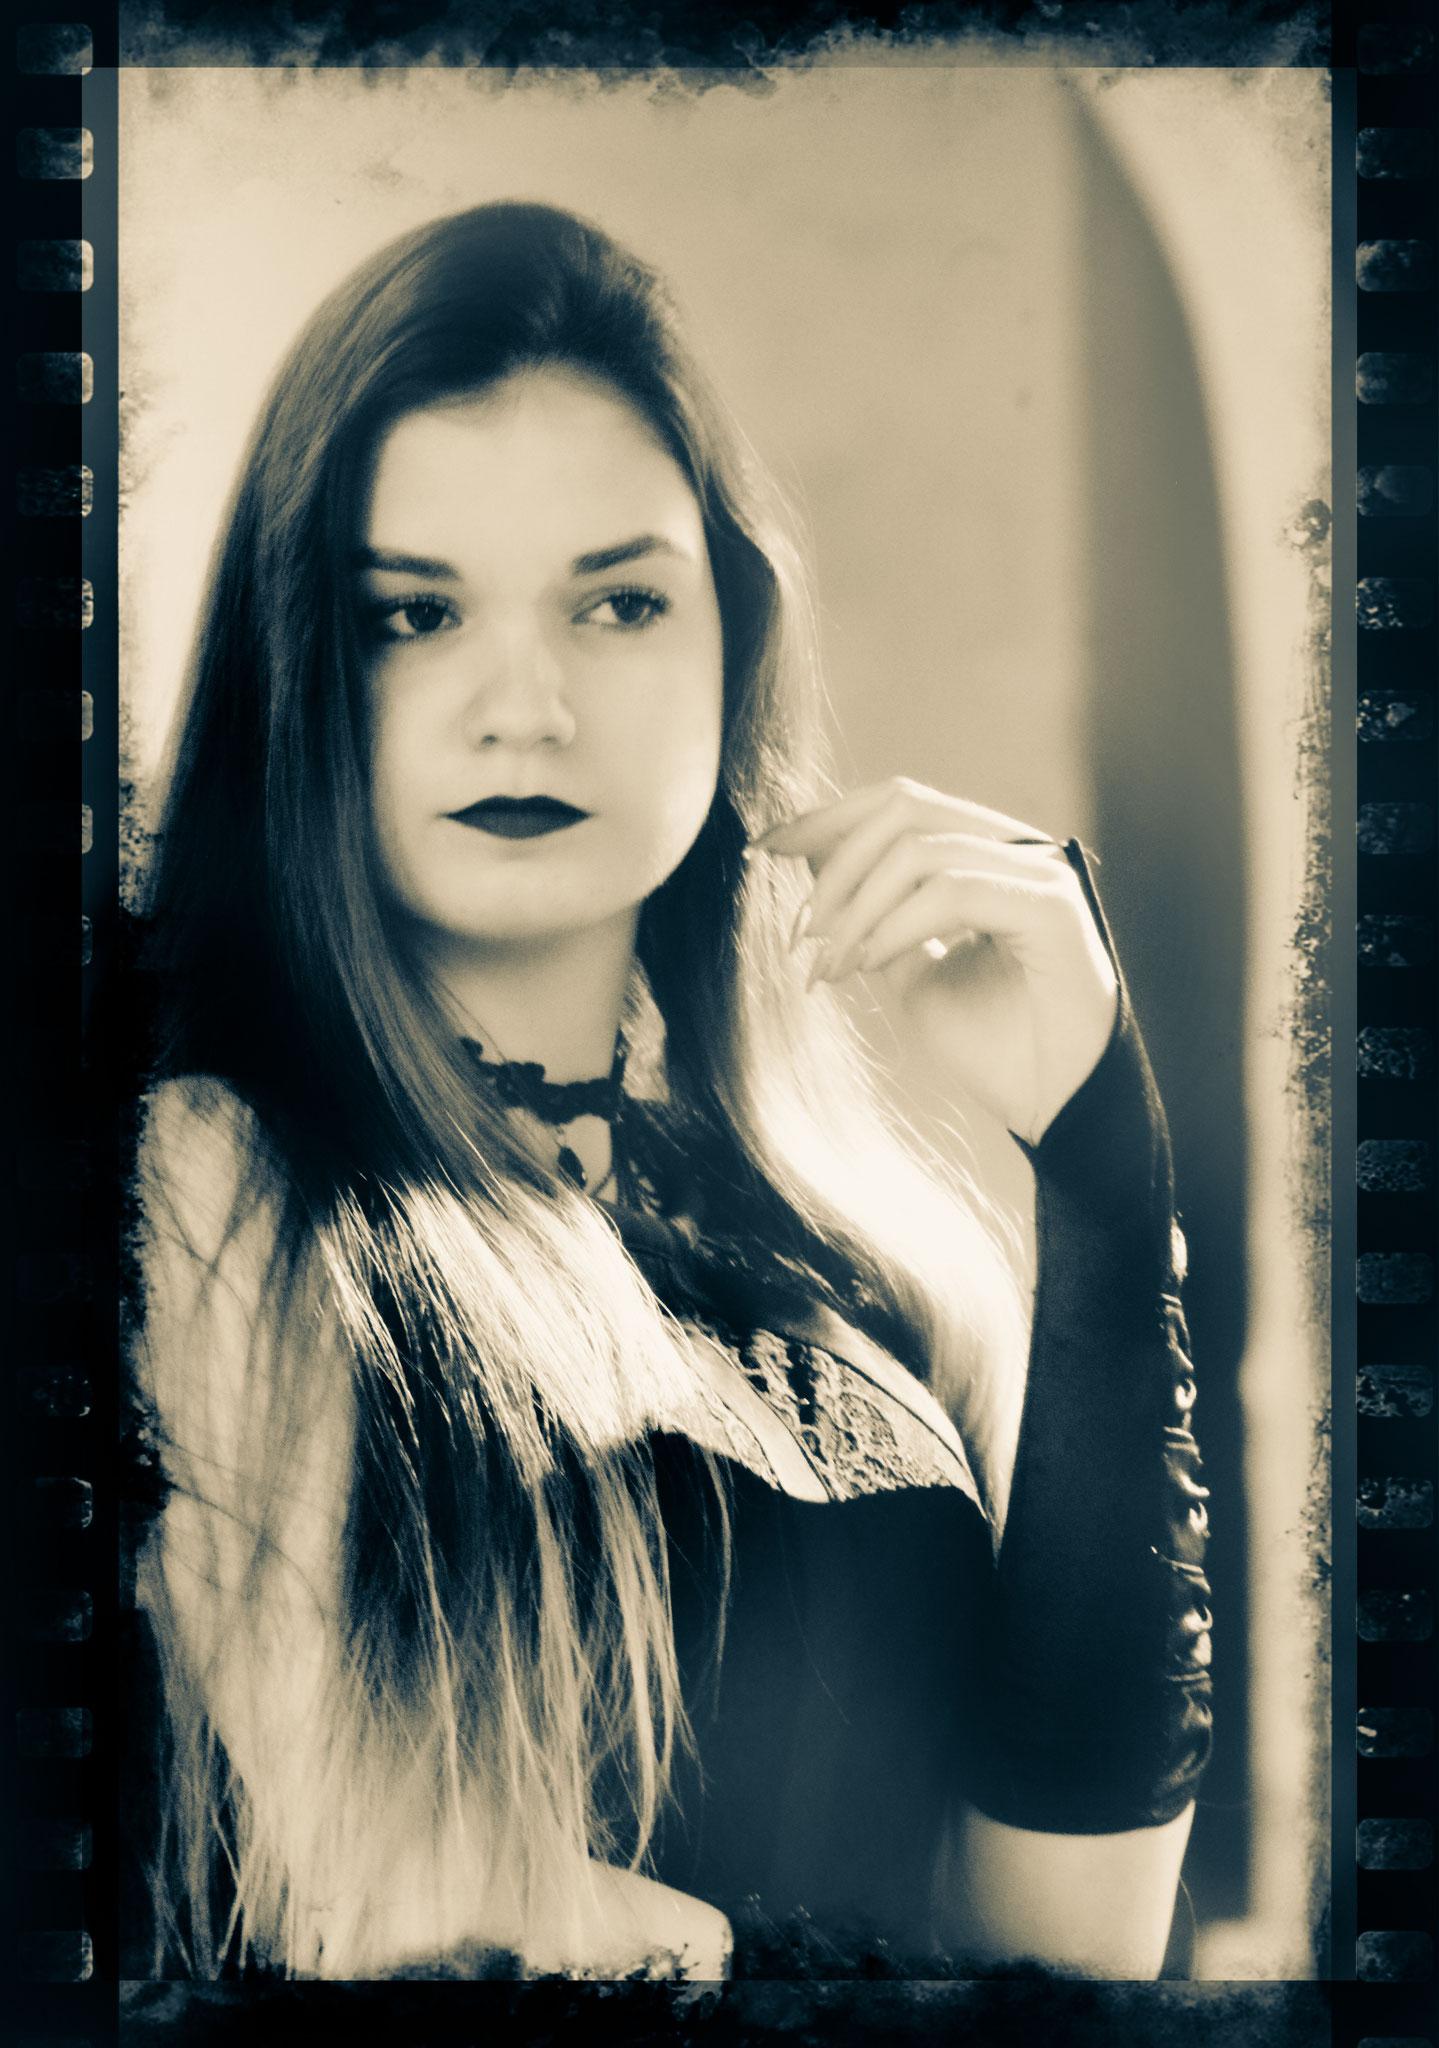 Mészáros Varga Erzsébet Mandy (Romania) - Like in the movies